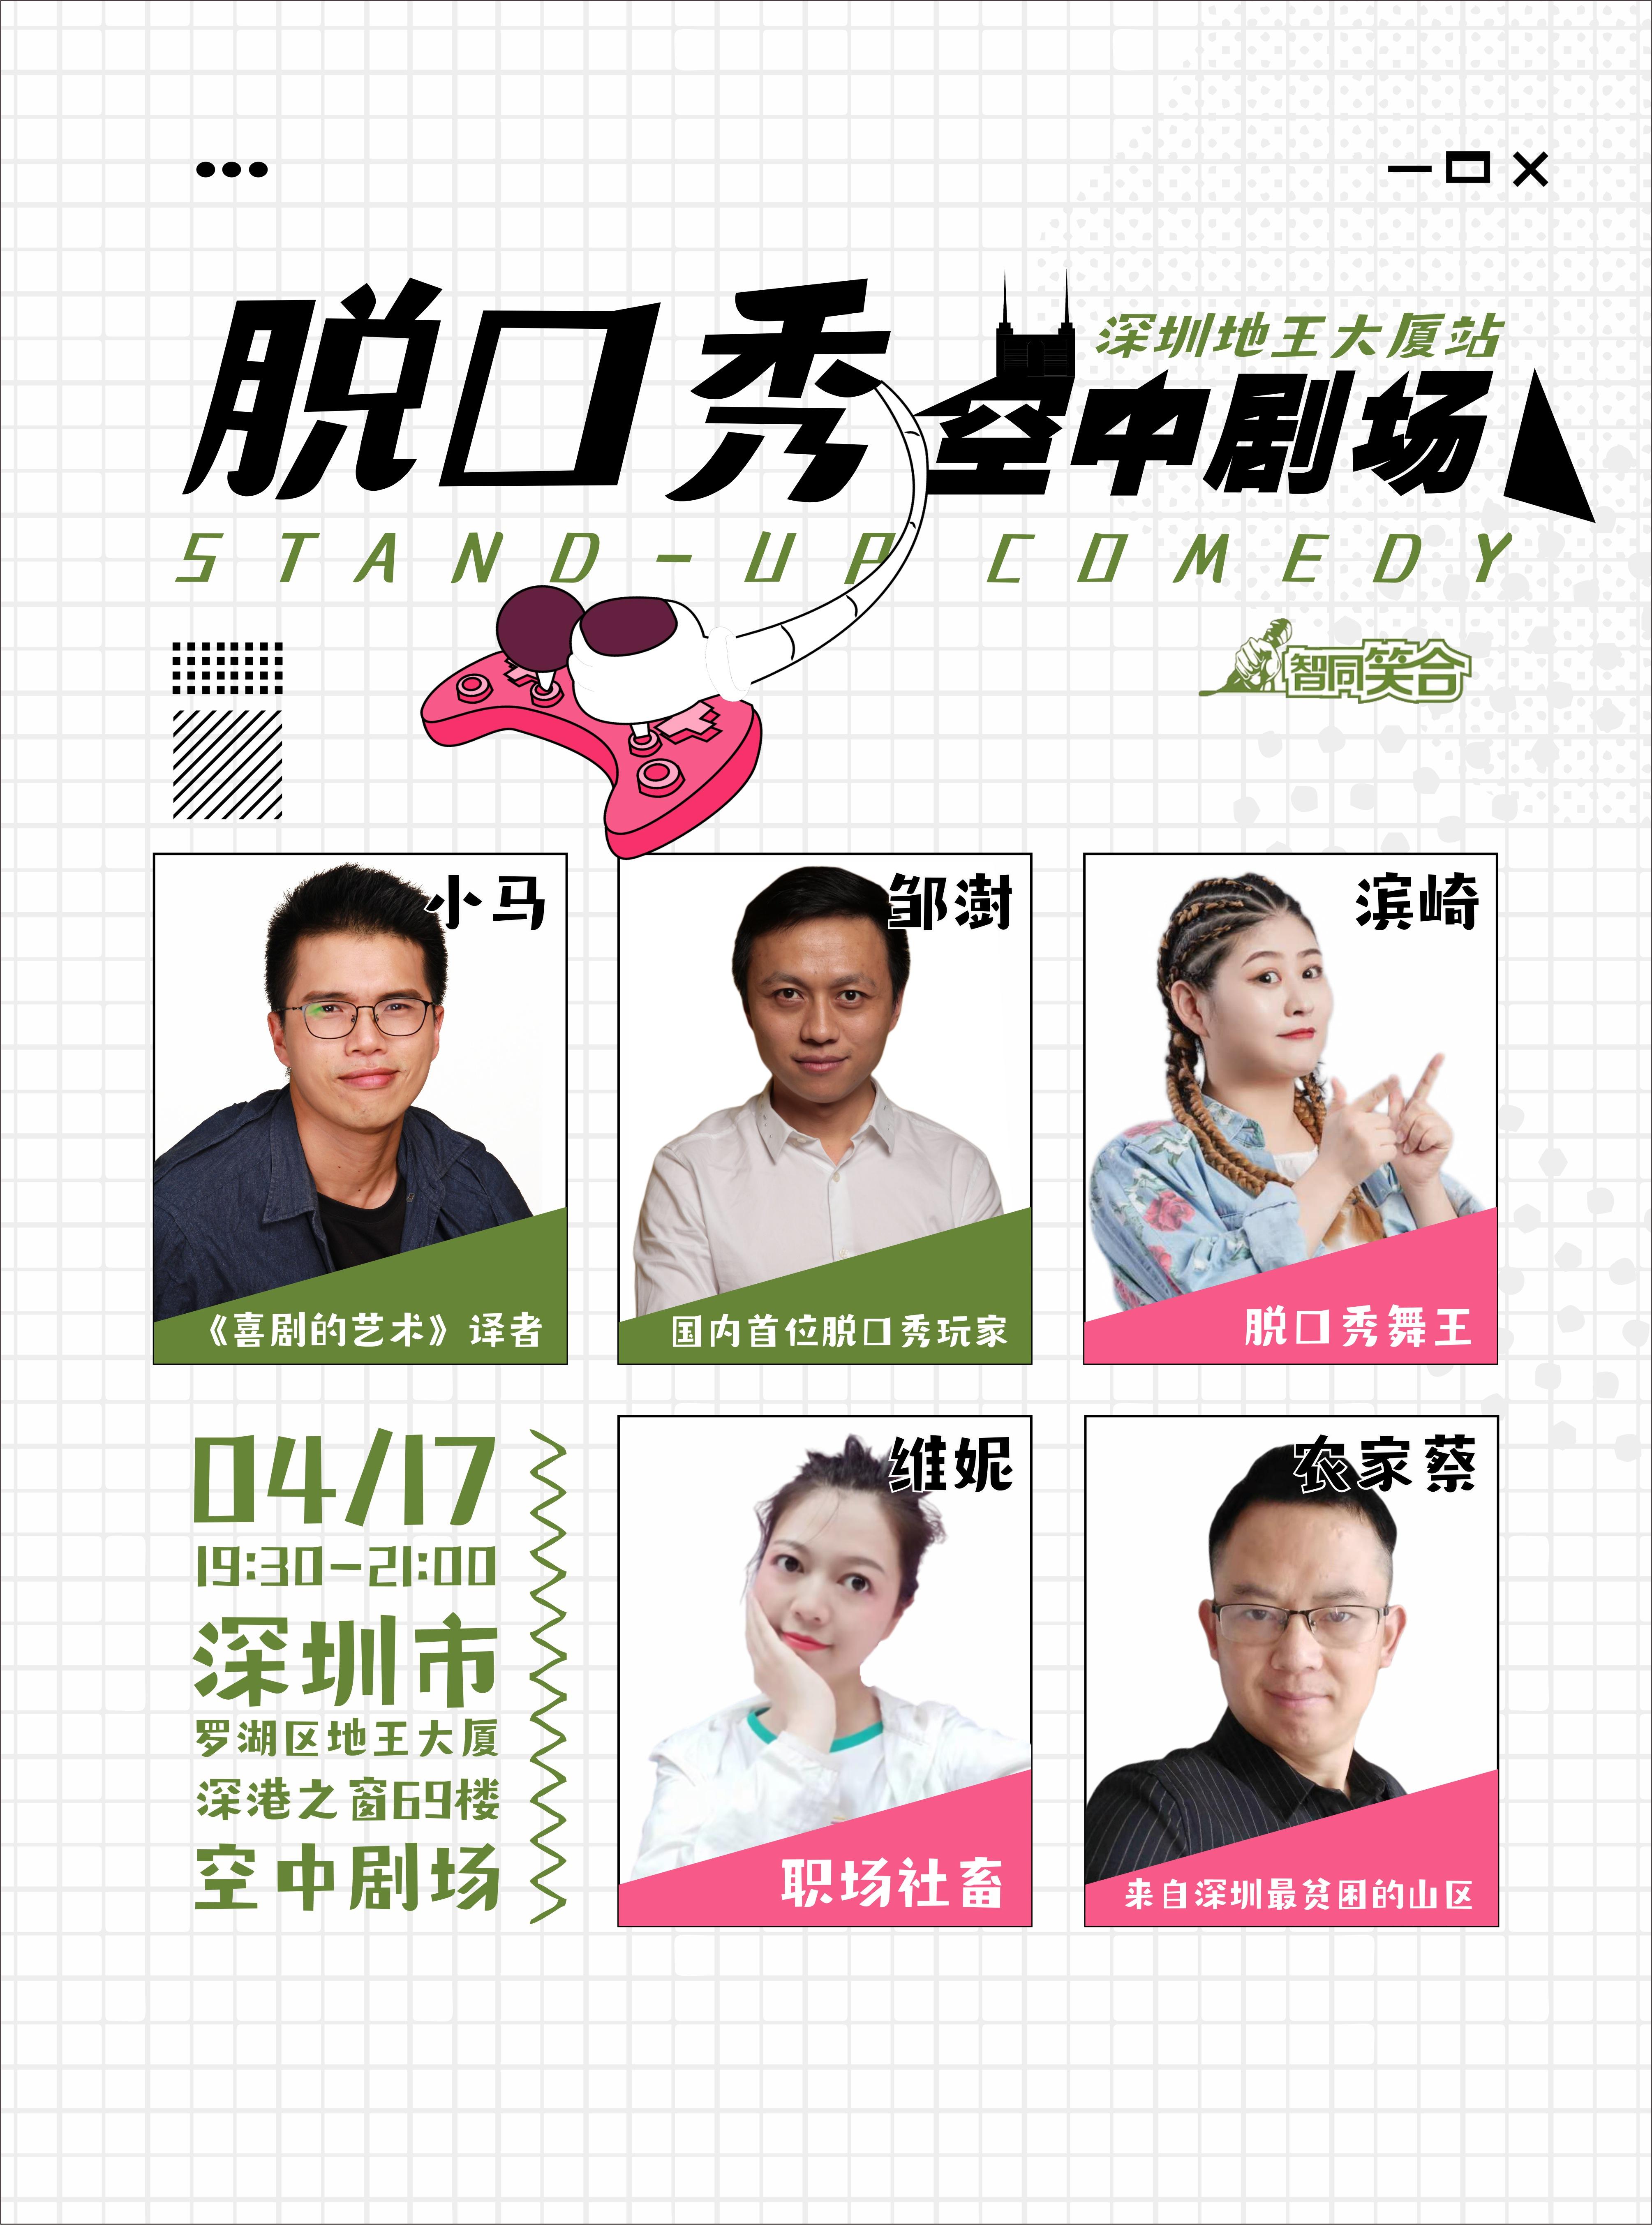 【深圳】智同笑合脱口秀|周六晚爆笑脱口秀小剧场-地王大厦站